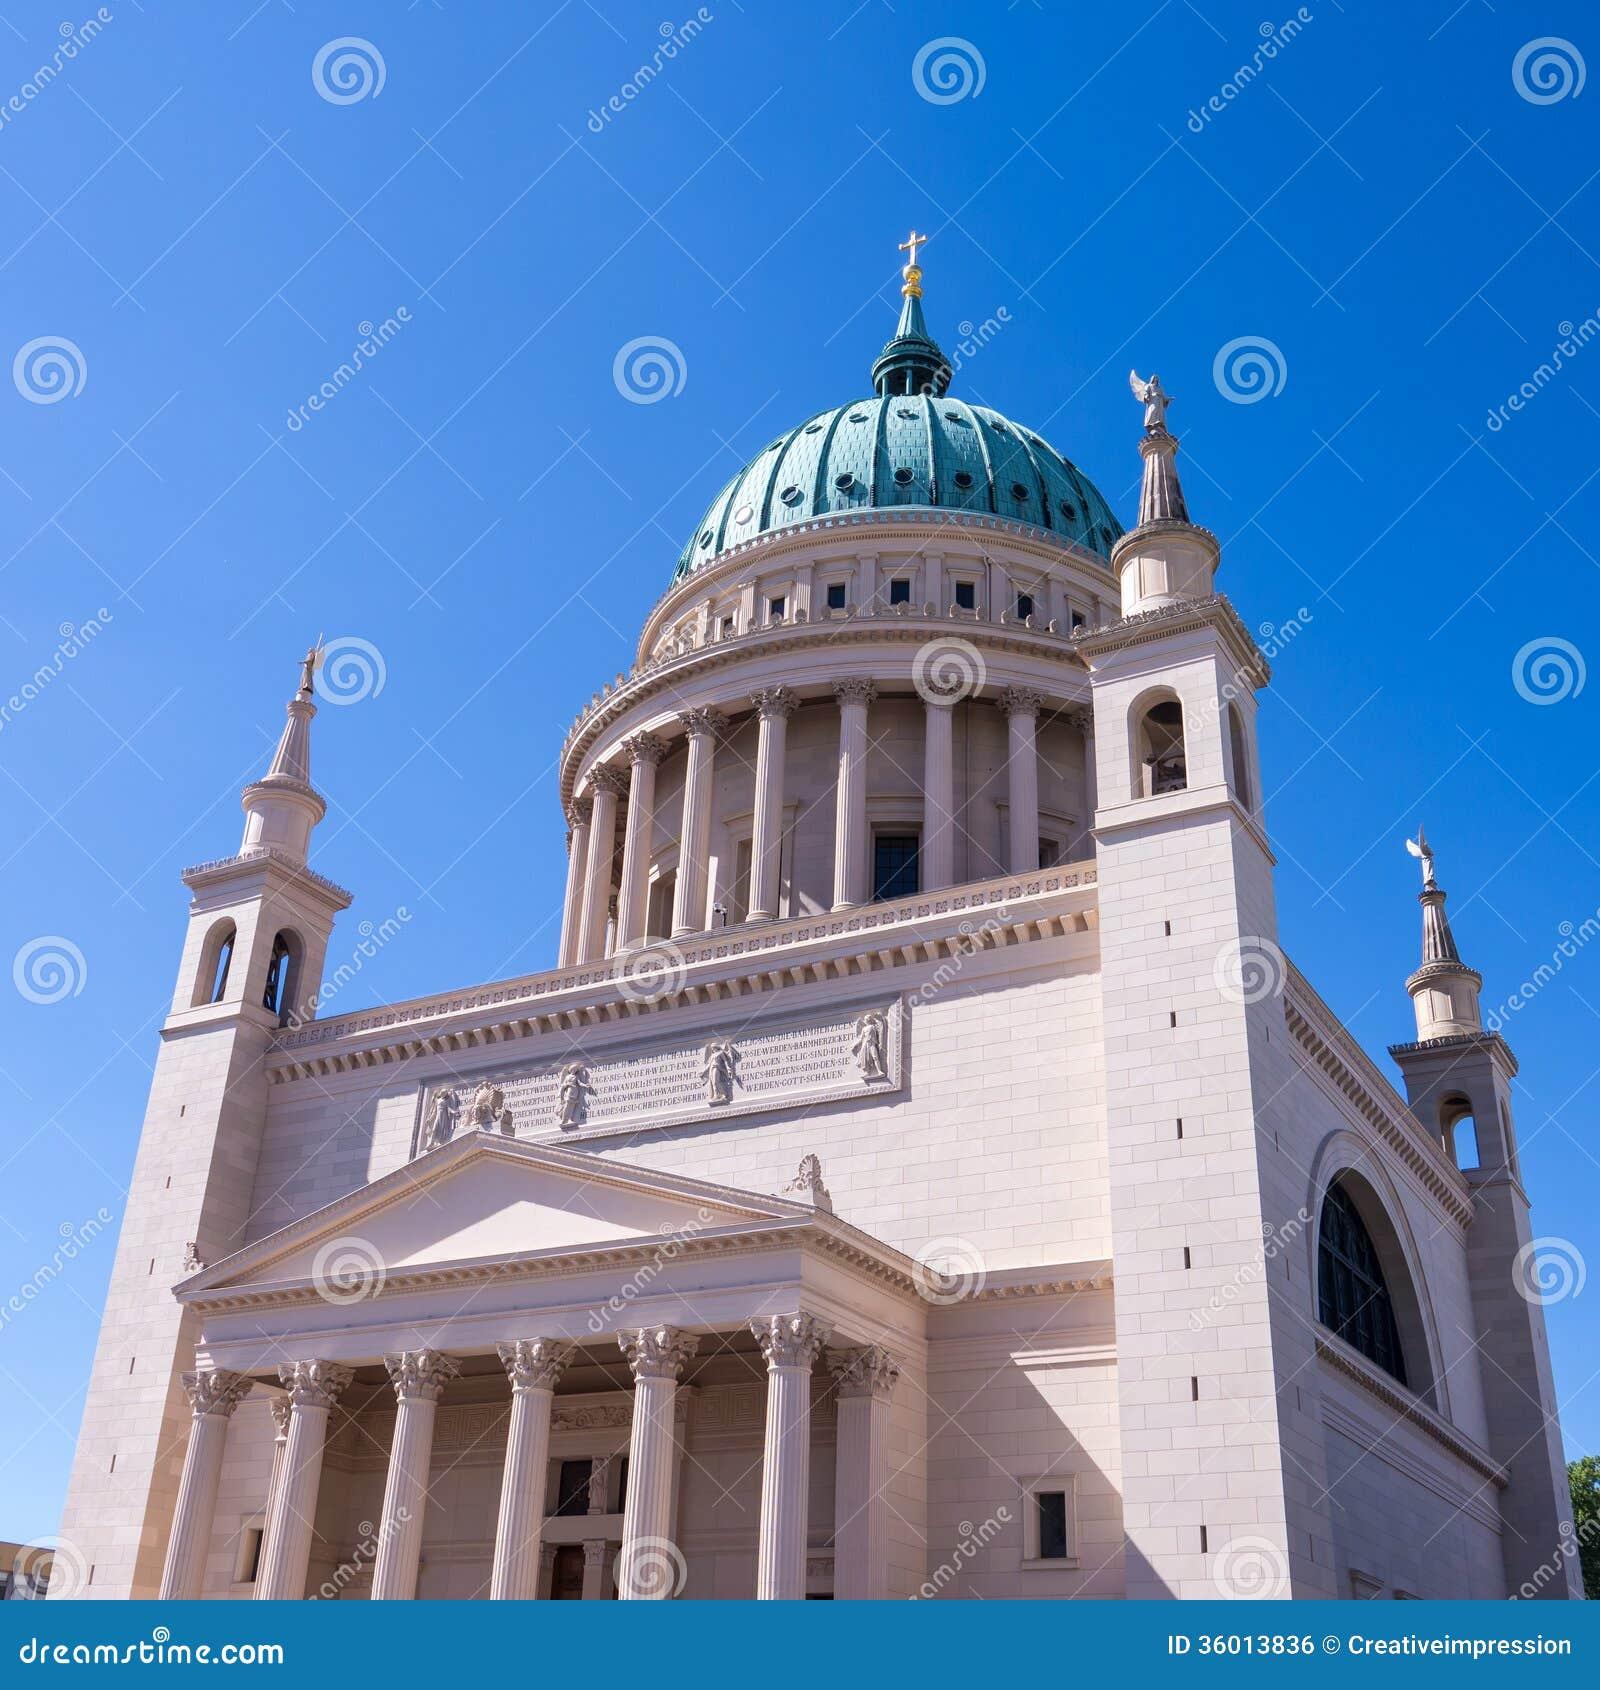 - st-nikolai-church-potsdam-summer-36013836